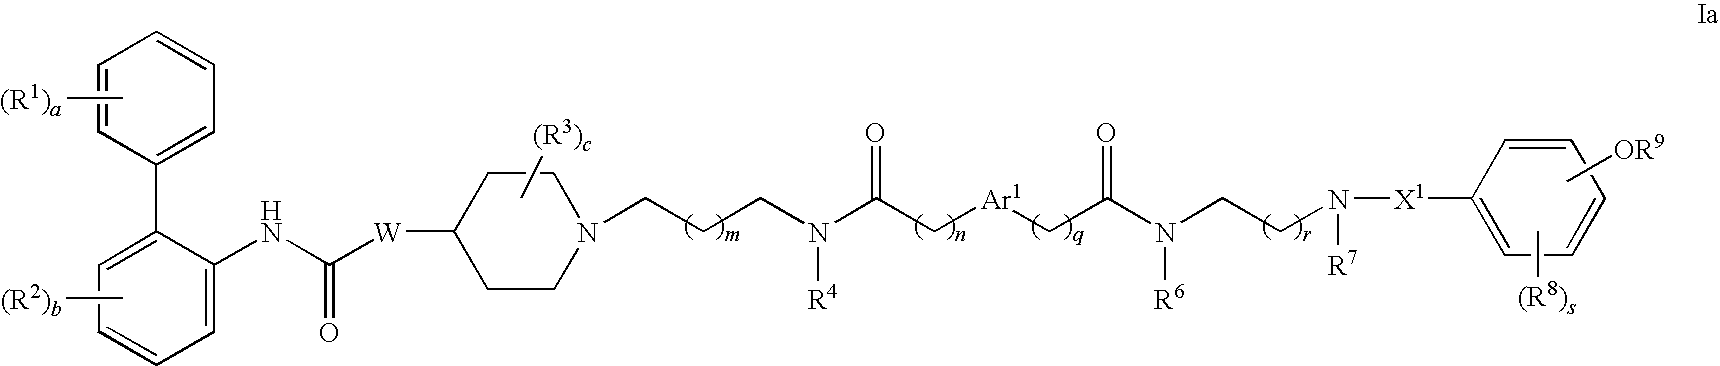 Figure US07659403-20100209-C00010